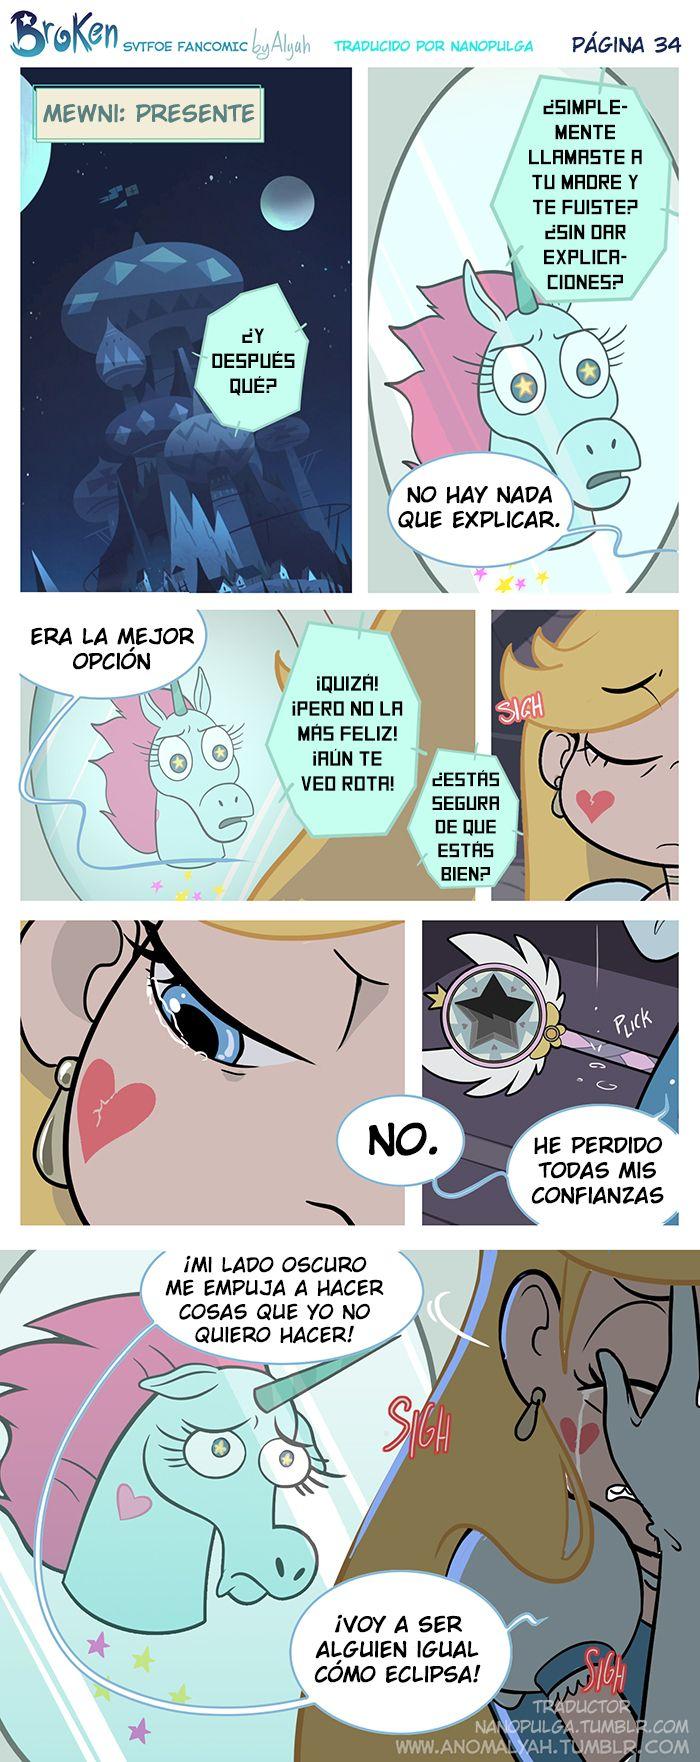 """[Portada] [Anterior página] [Siguiente página] Cabeza Pony se había sorprendido por lo que le había contado su amiga. """"¿Y después qué? ¿Simplemente llamaste a tu madre y te fuiste sin dar..."""